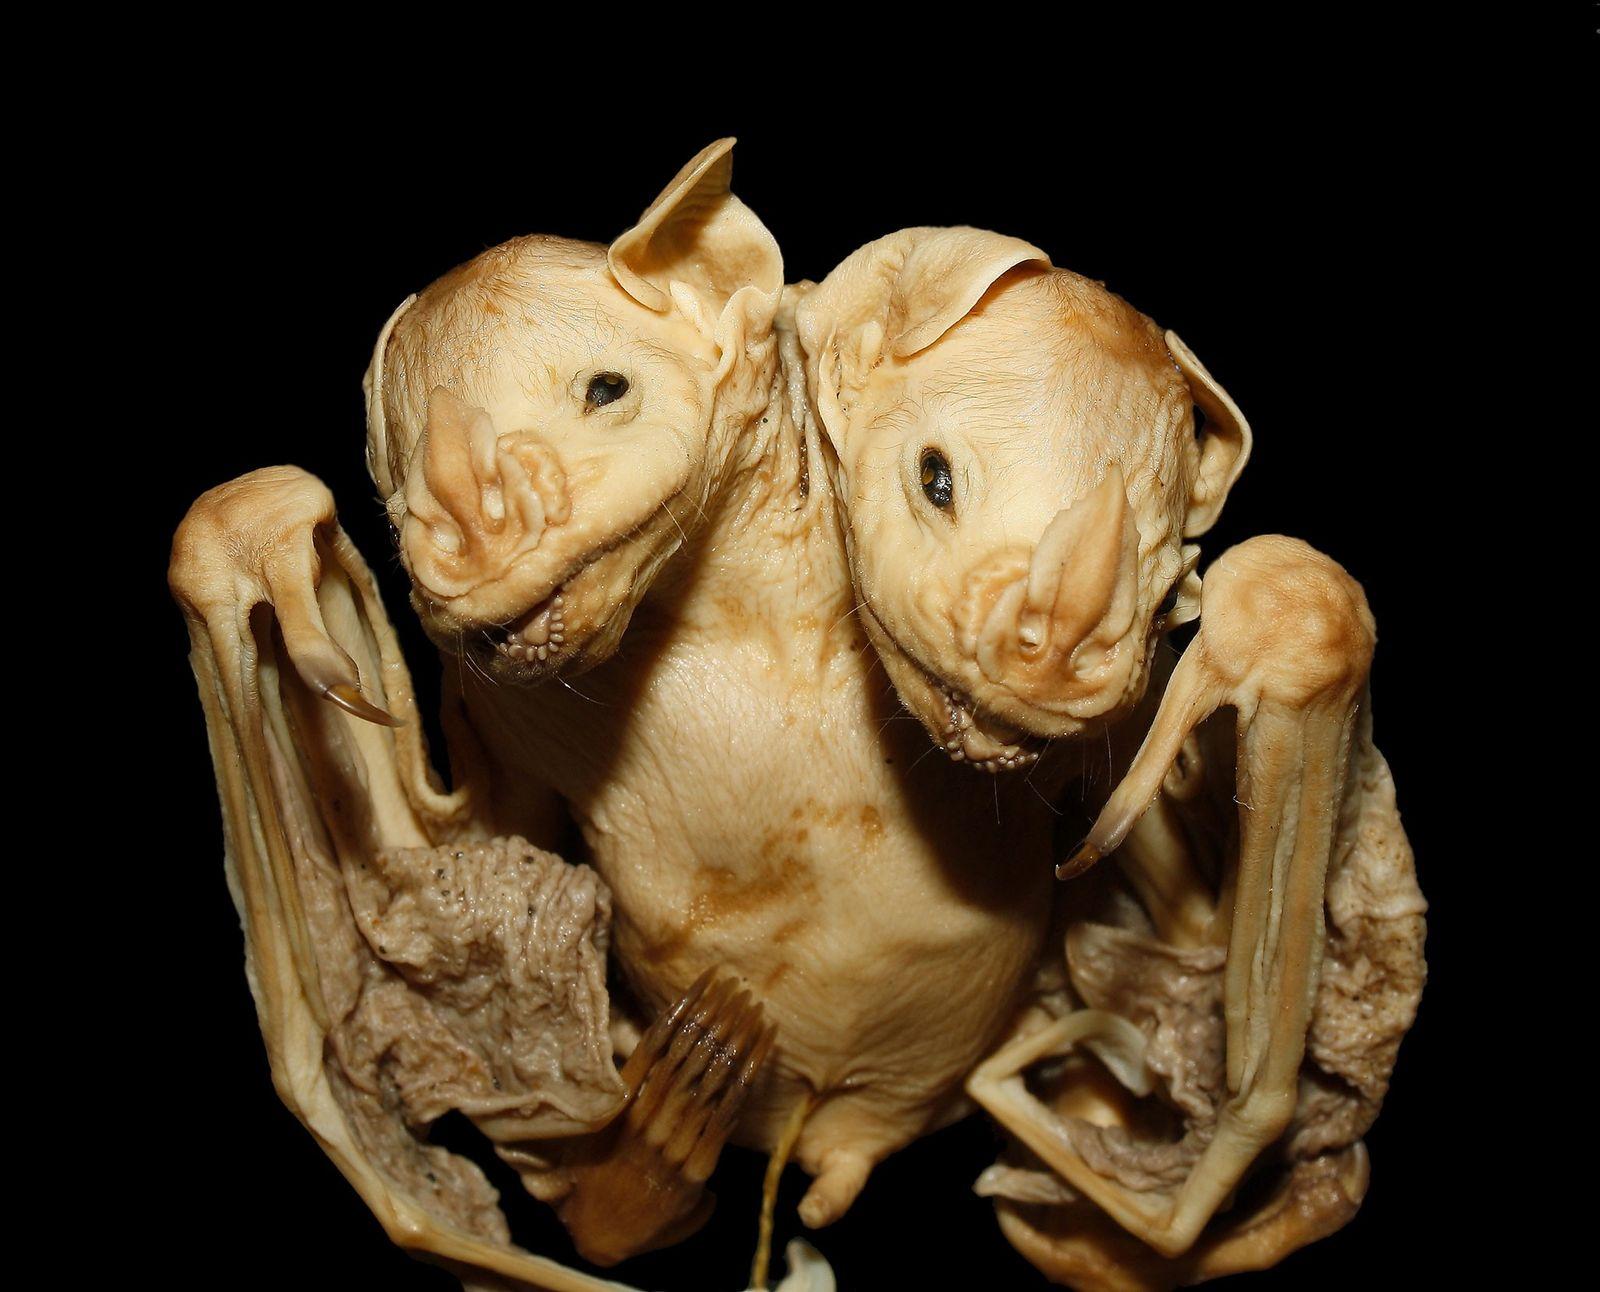 Morcego de duas cabeças